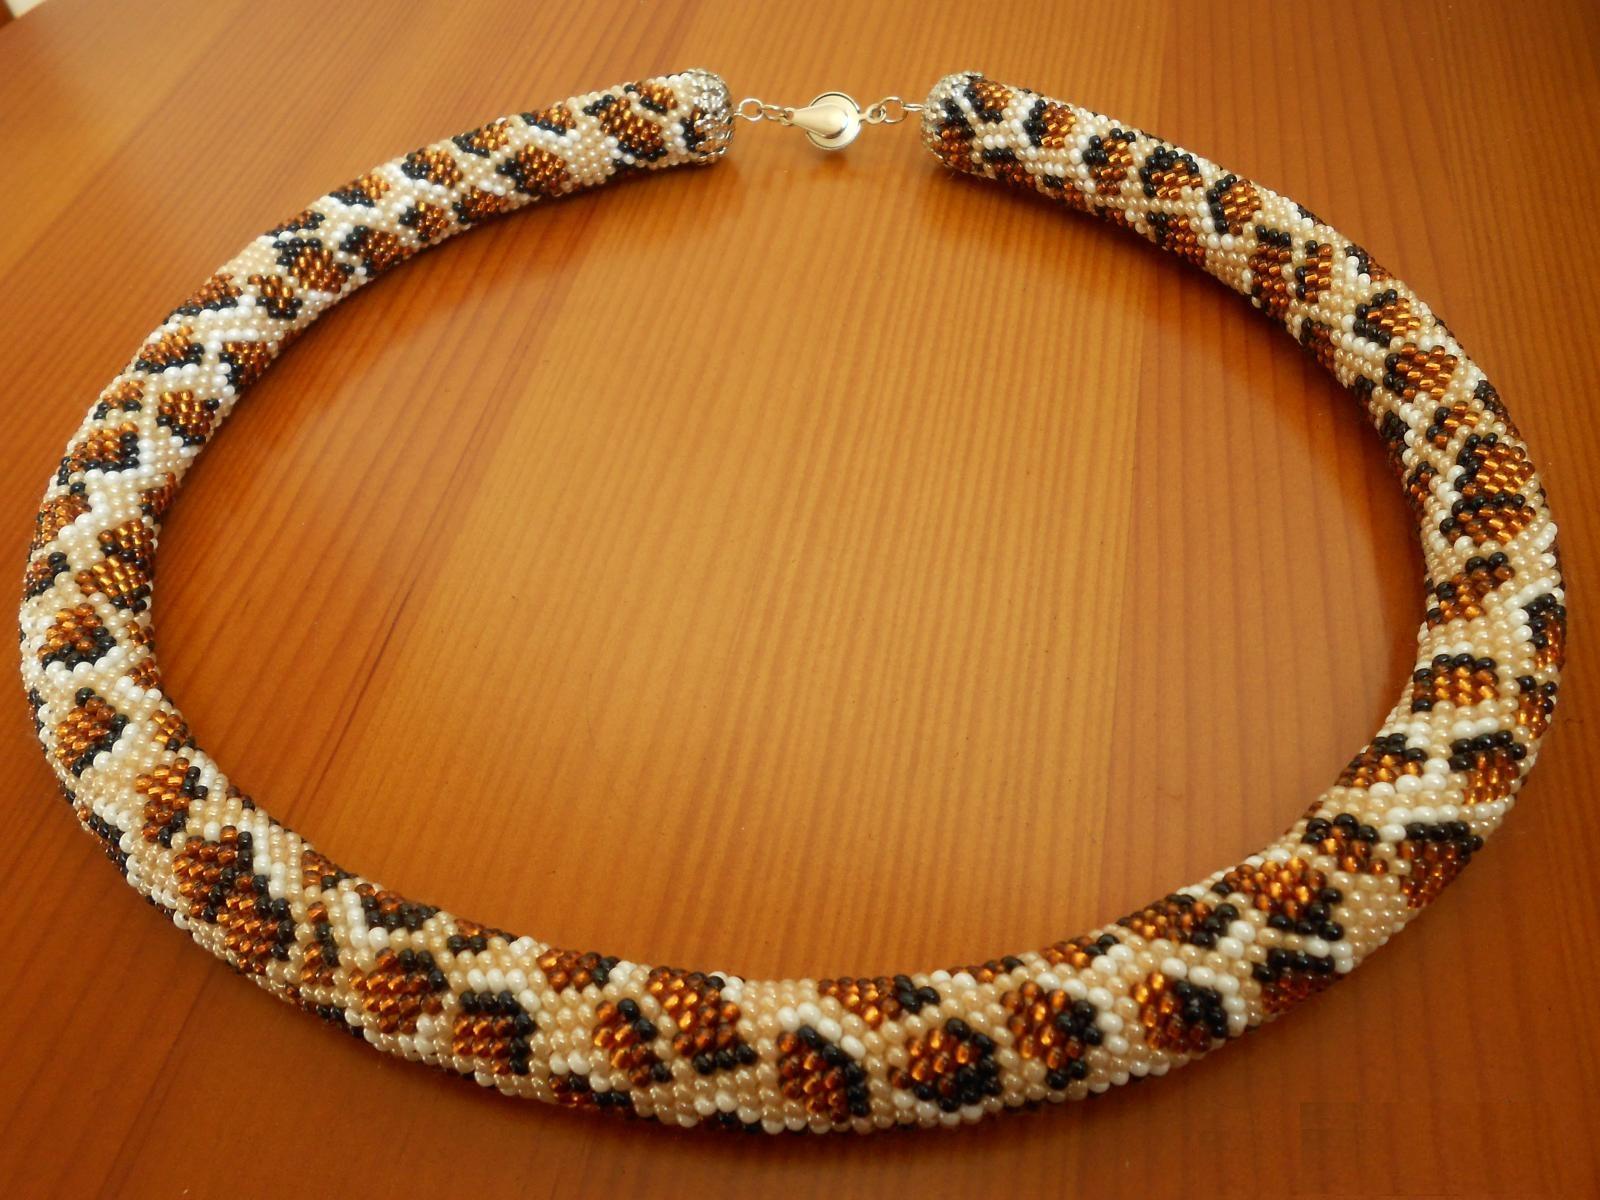 плетение из бисера браслеты жгут схемы